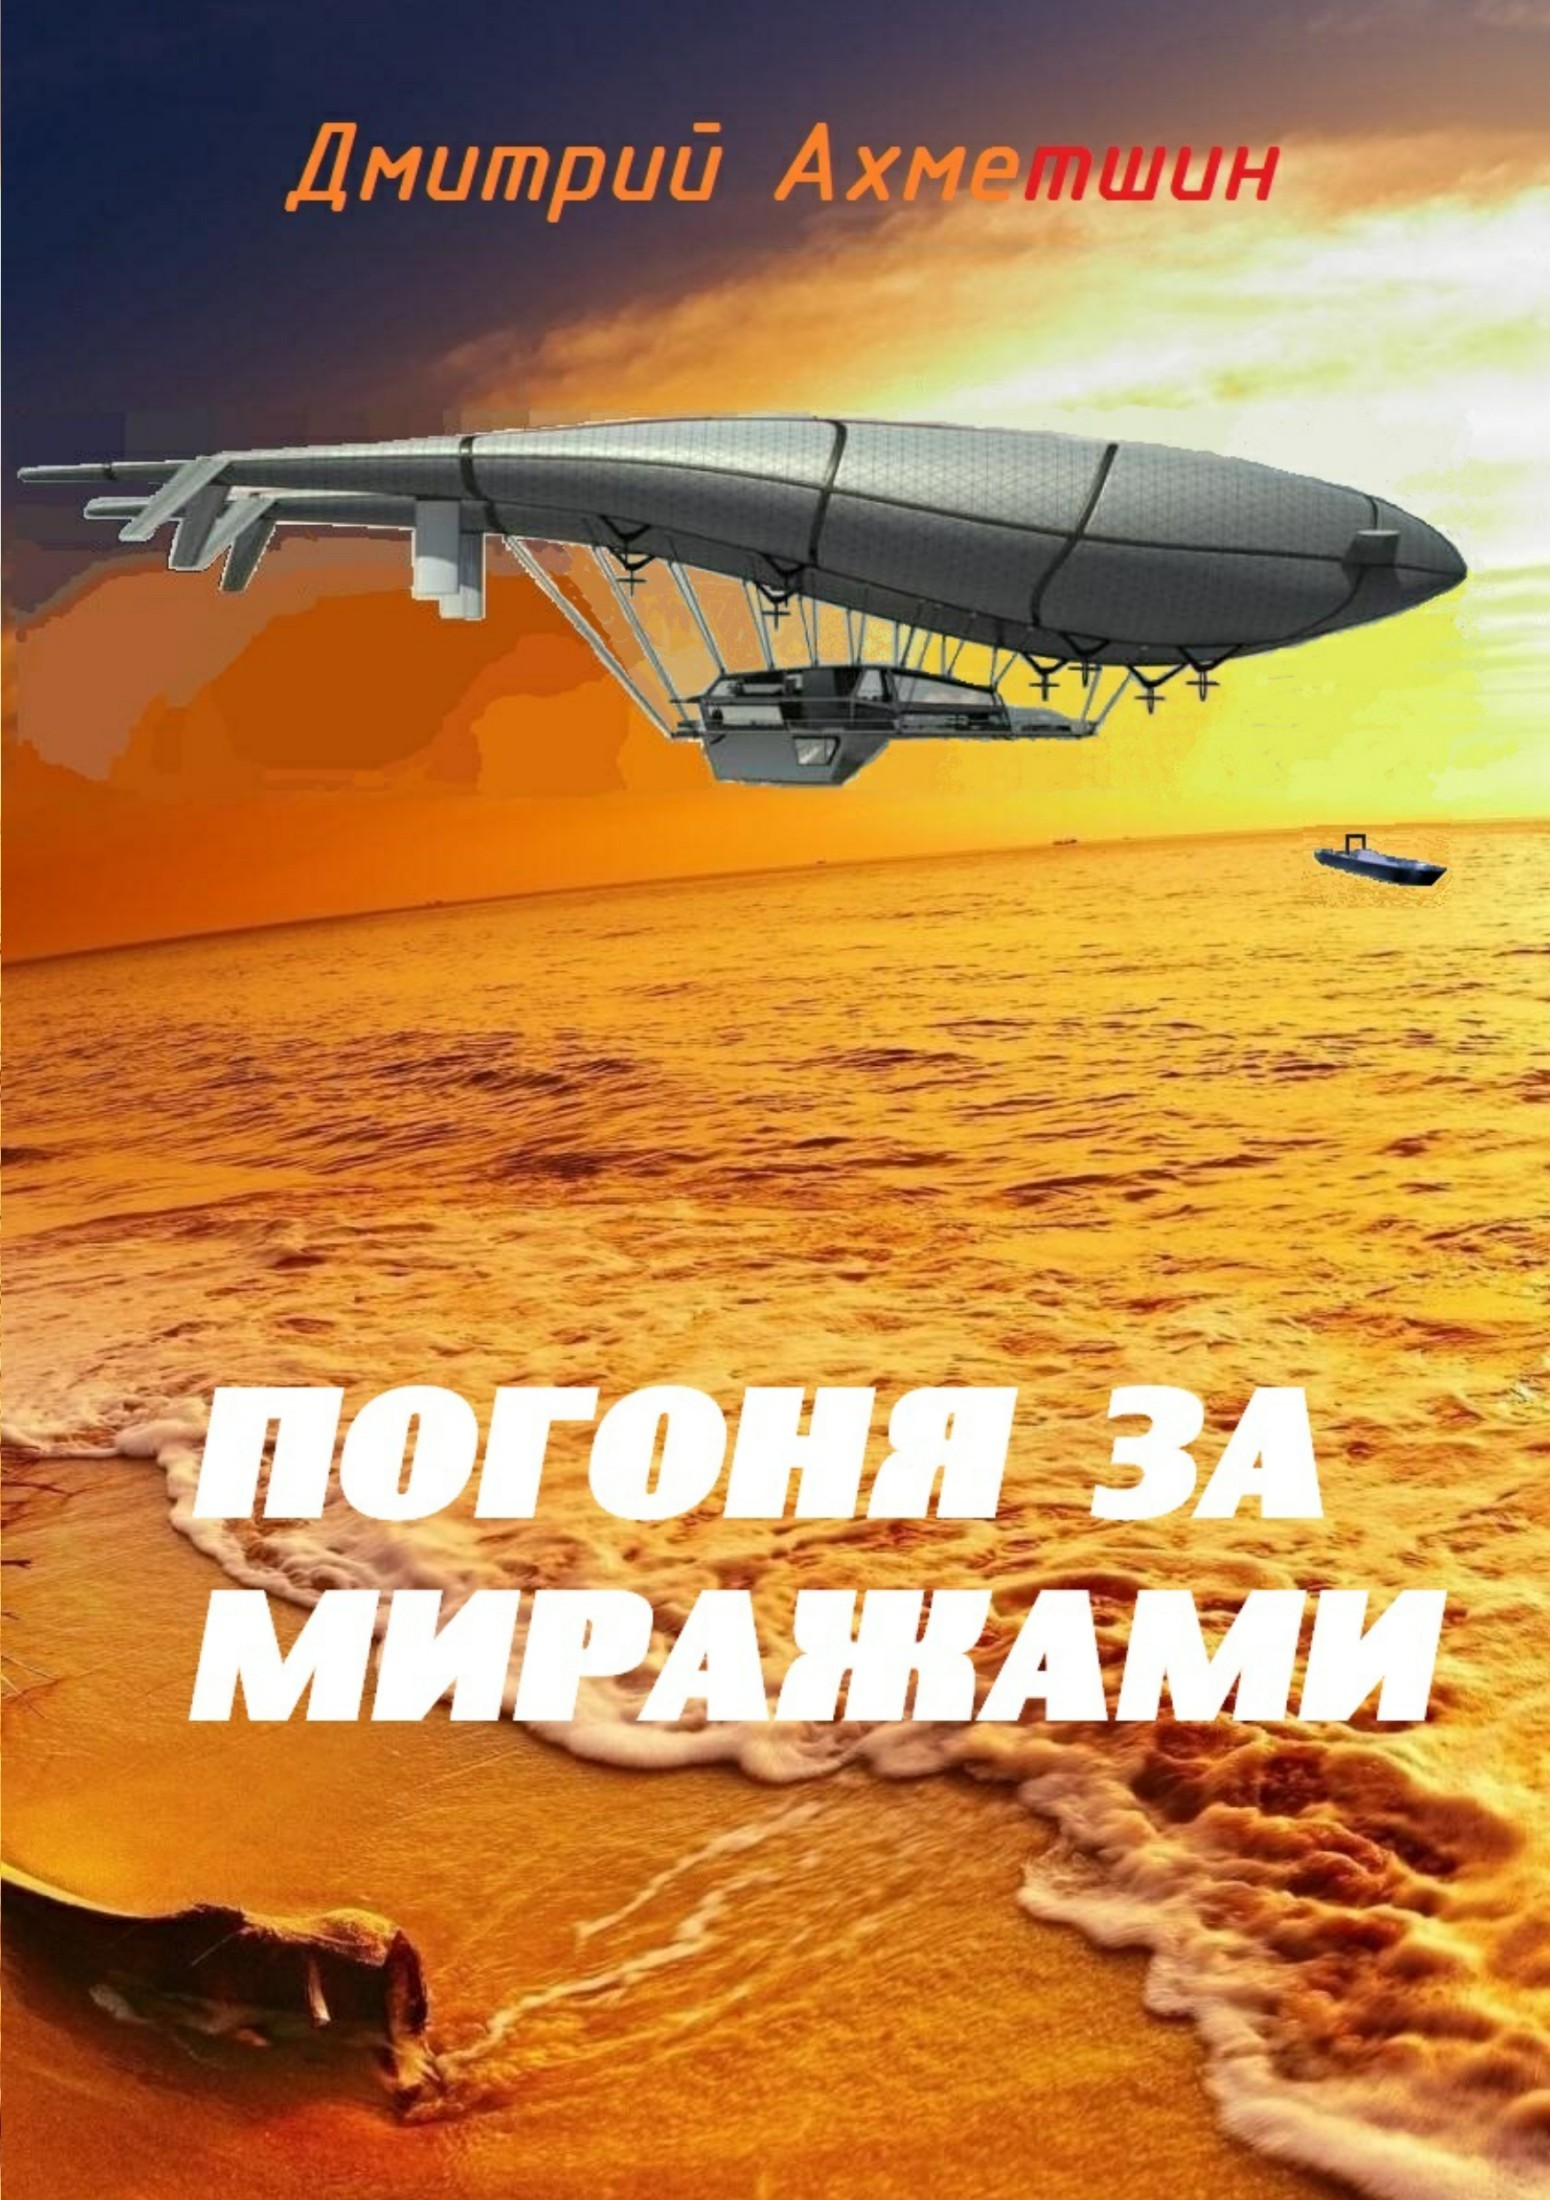 Дмитрий Ахметшин. Погоня за миражами